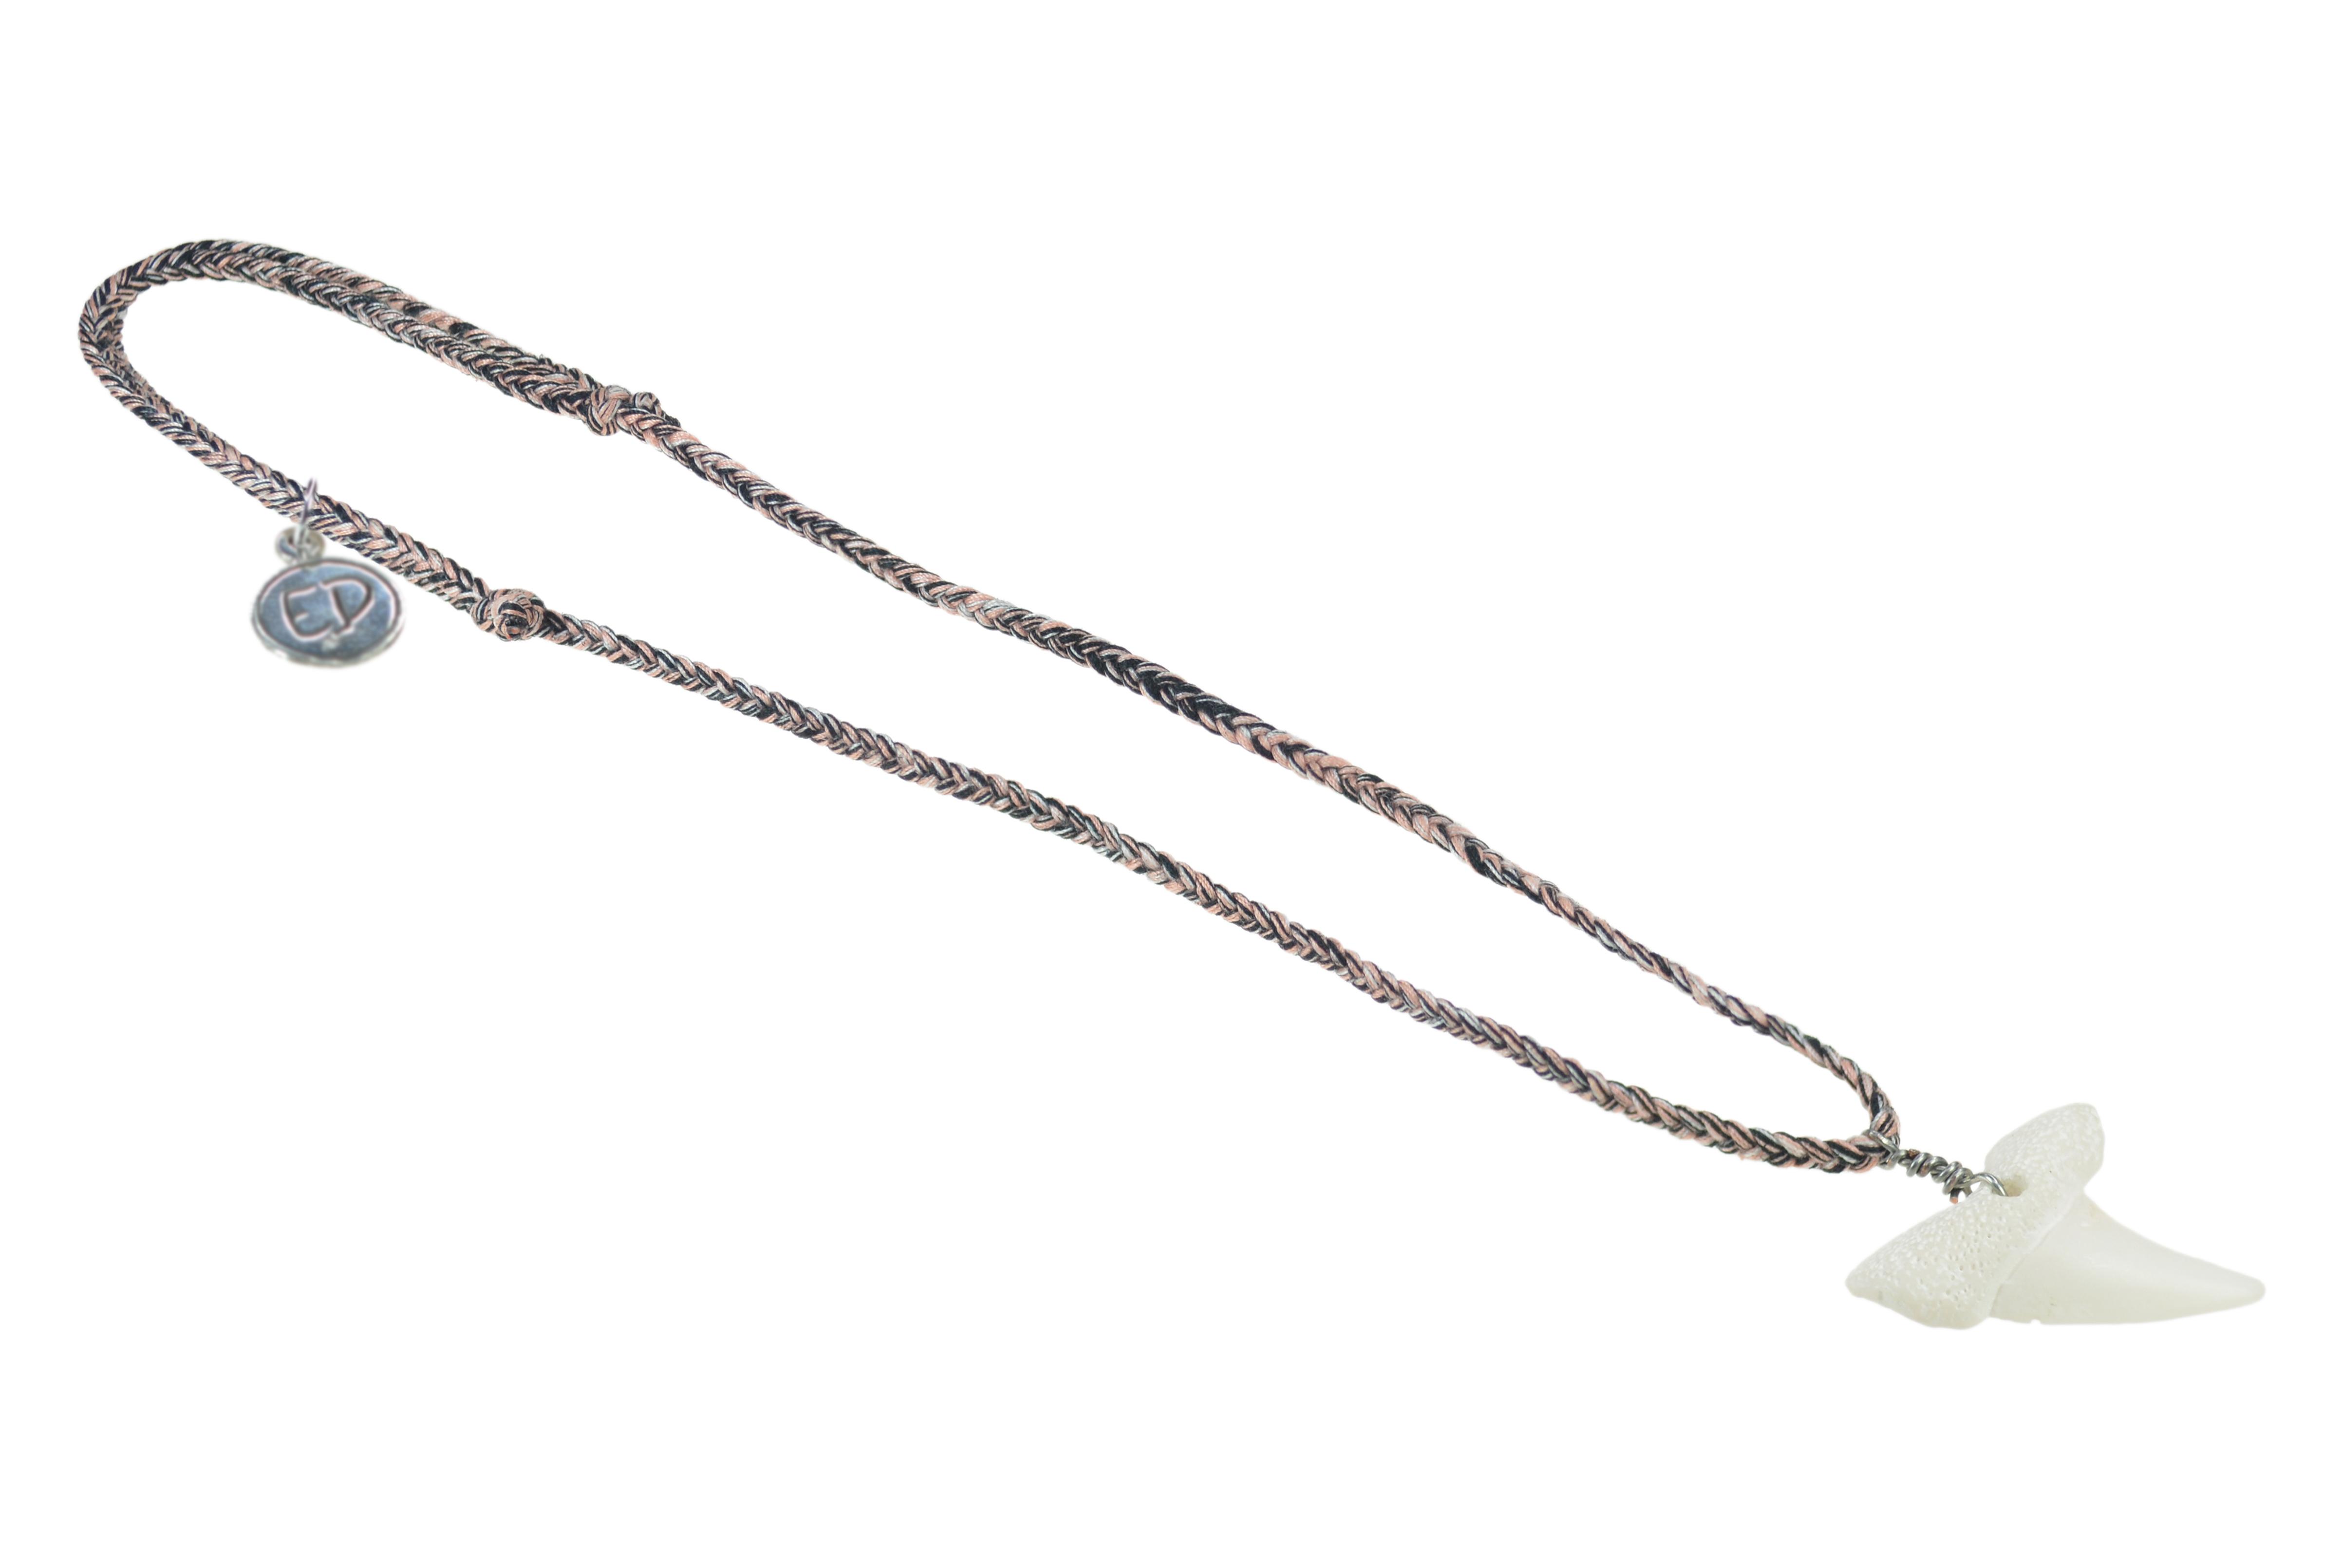 Pánsky prírodný náhrdelník s príveskom žraločí zub - hnedý